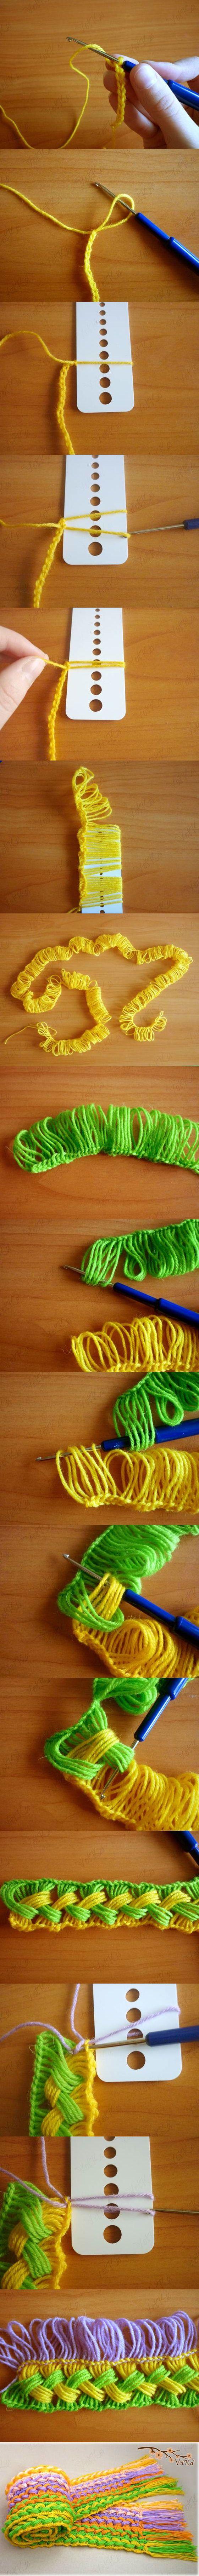 DIY Scarf Most creative scarf!